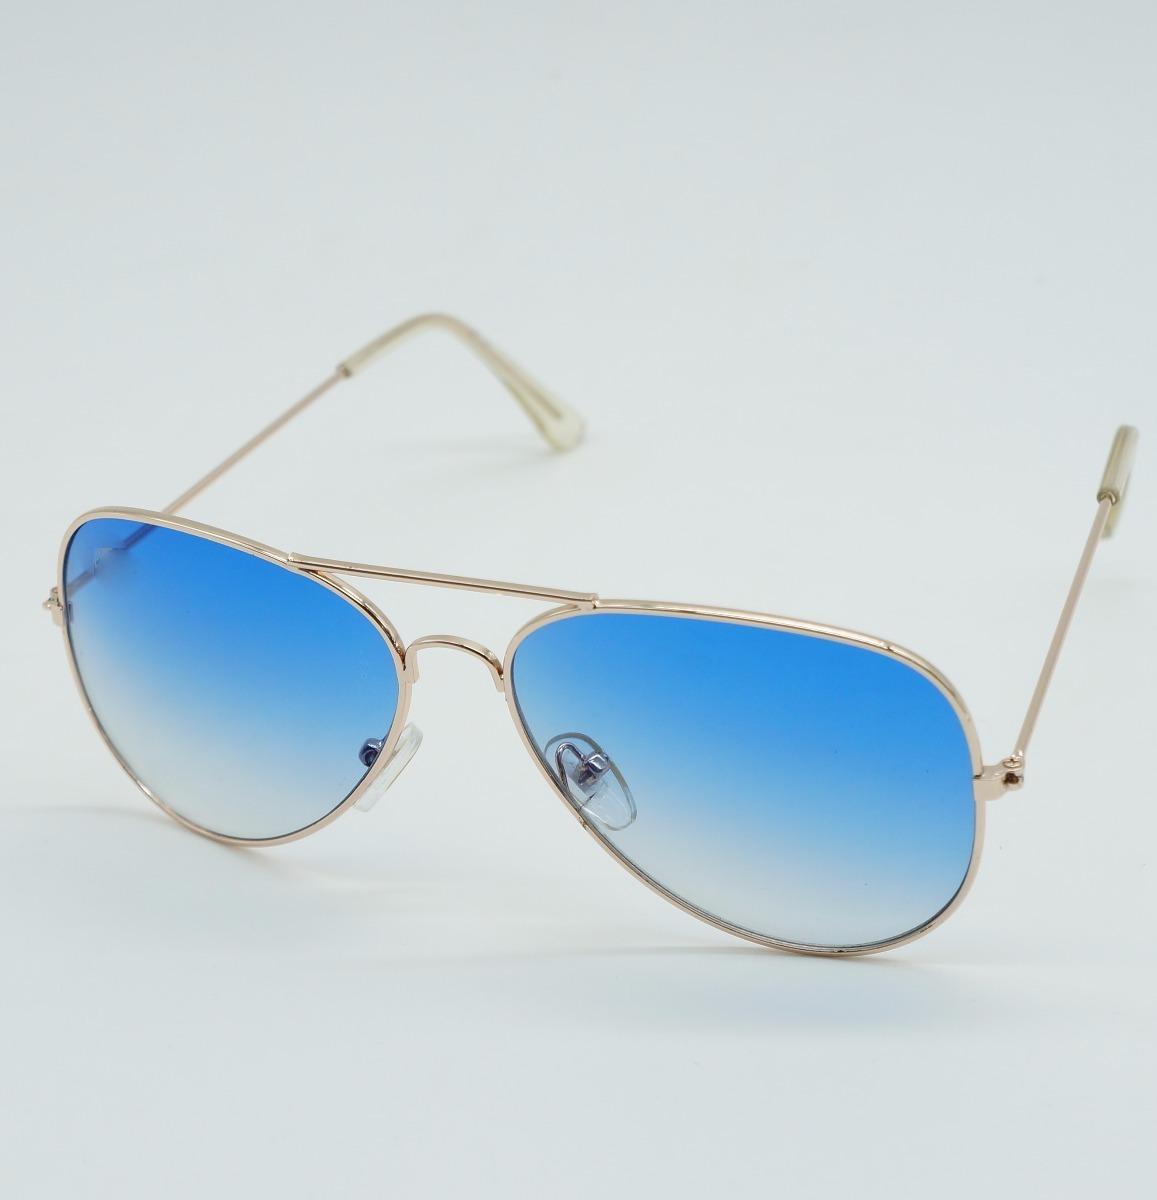 eb0d7a464 Óculos Feminino Aviador Azul Degrad Cristal 3025 3026 Uva B - R$ 120,00 em  Mercado Livre